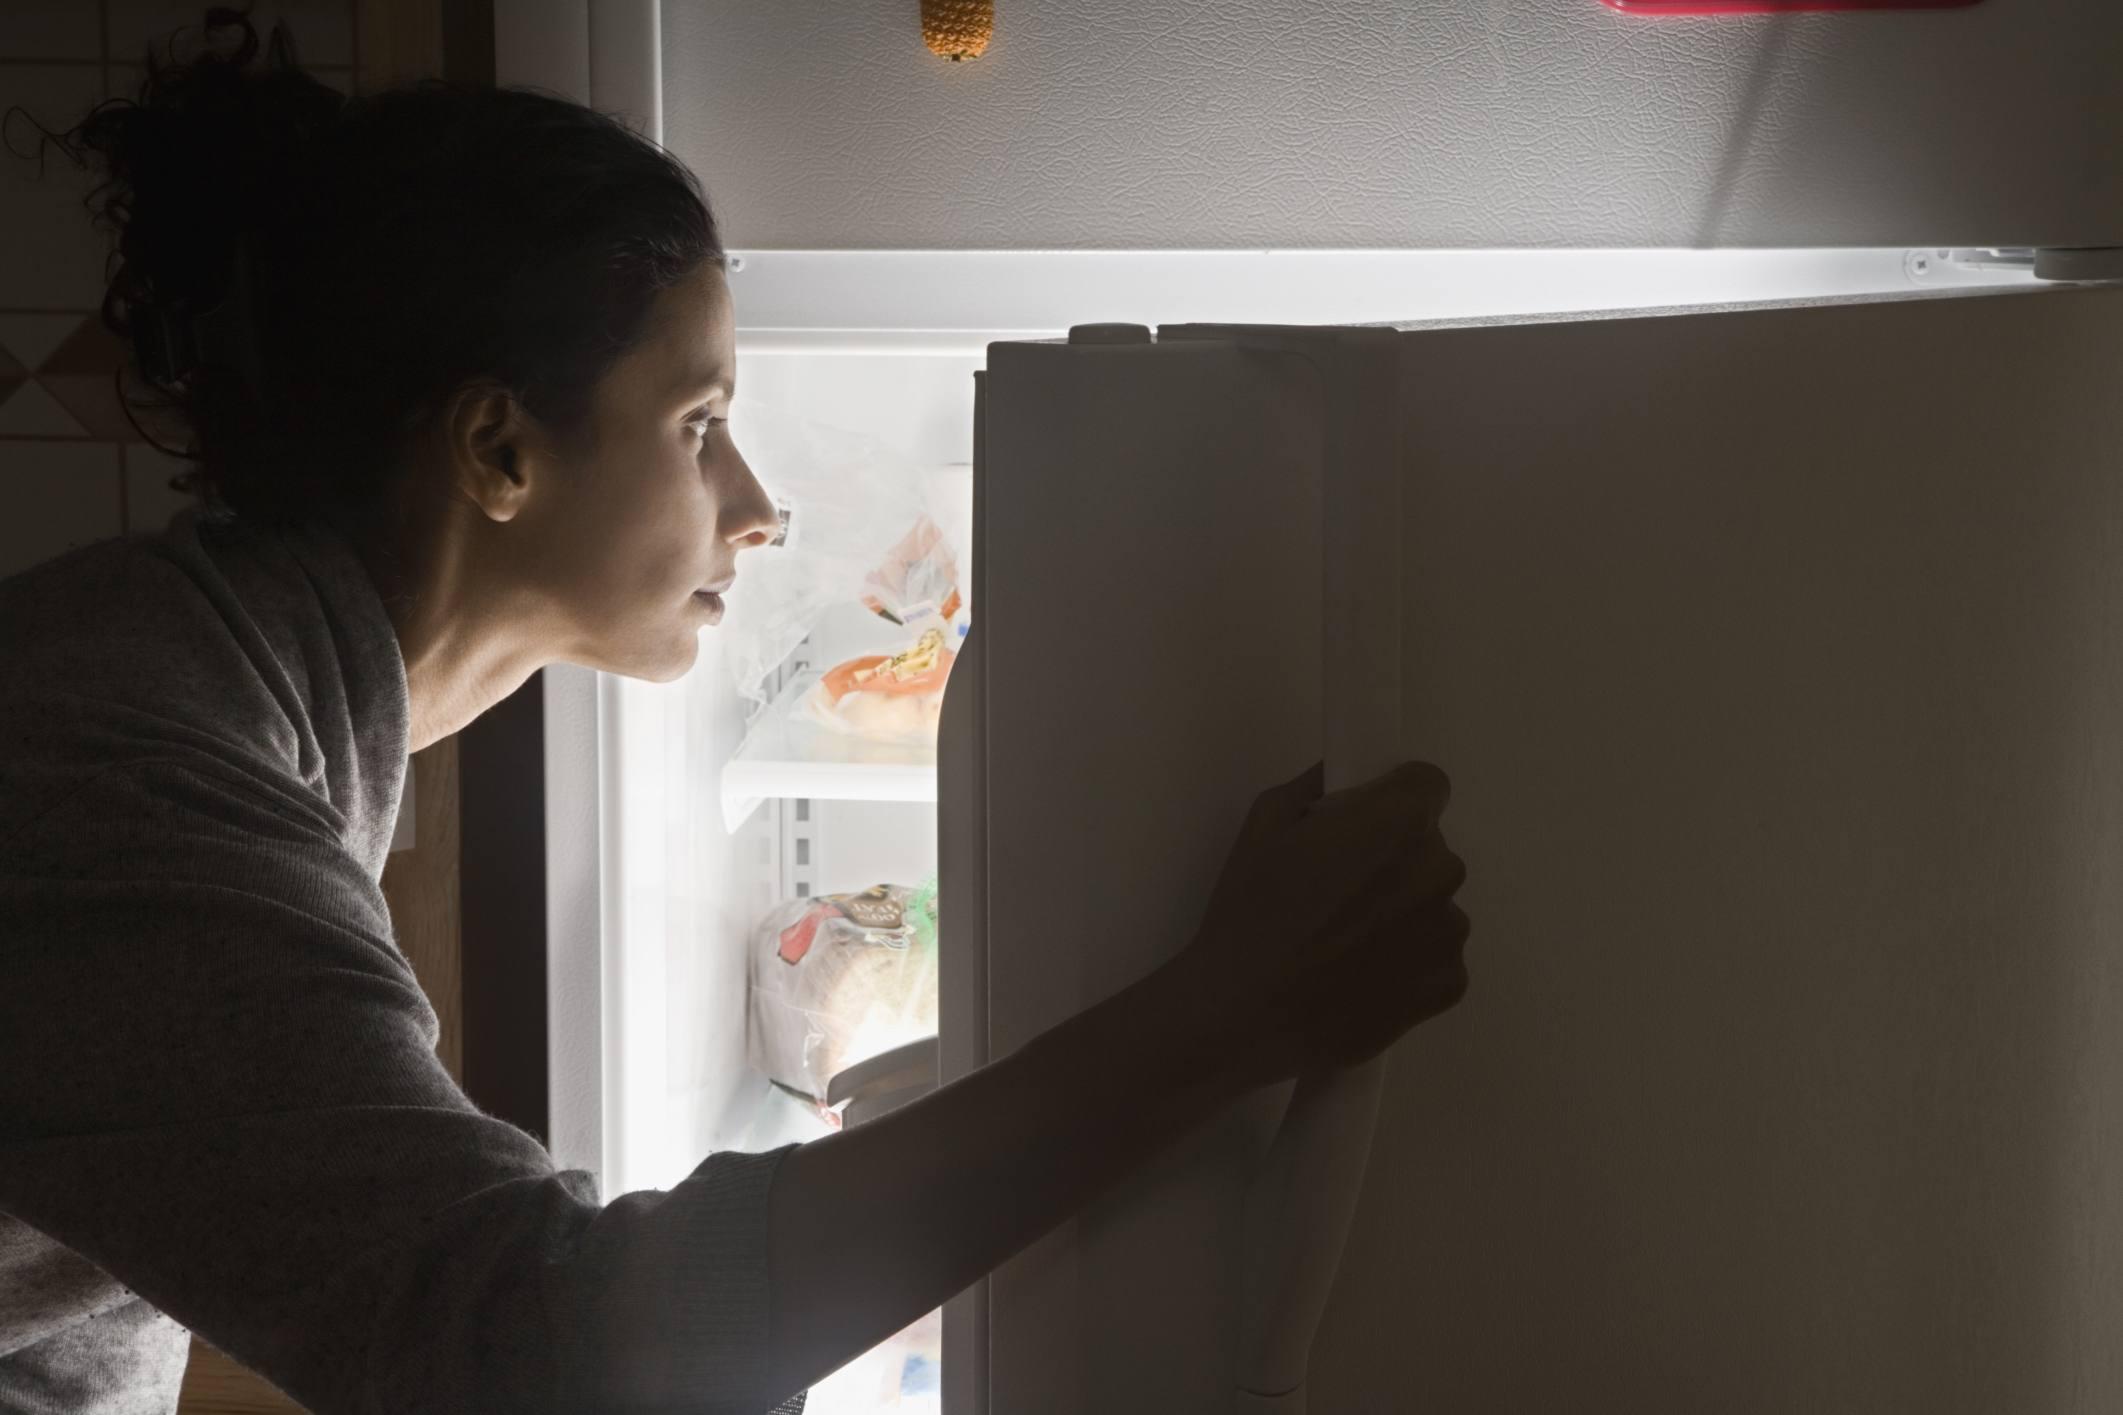 Mujer mirando en nevera para comida